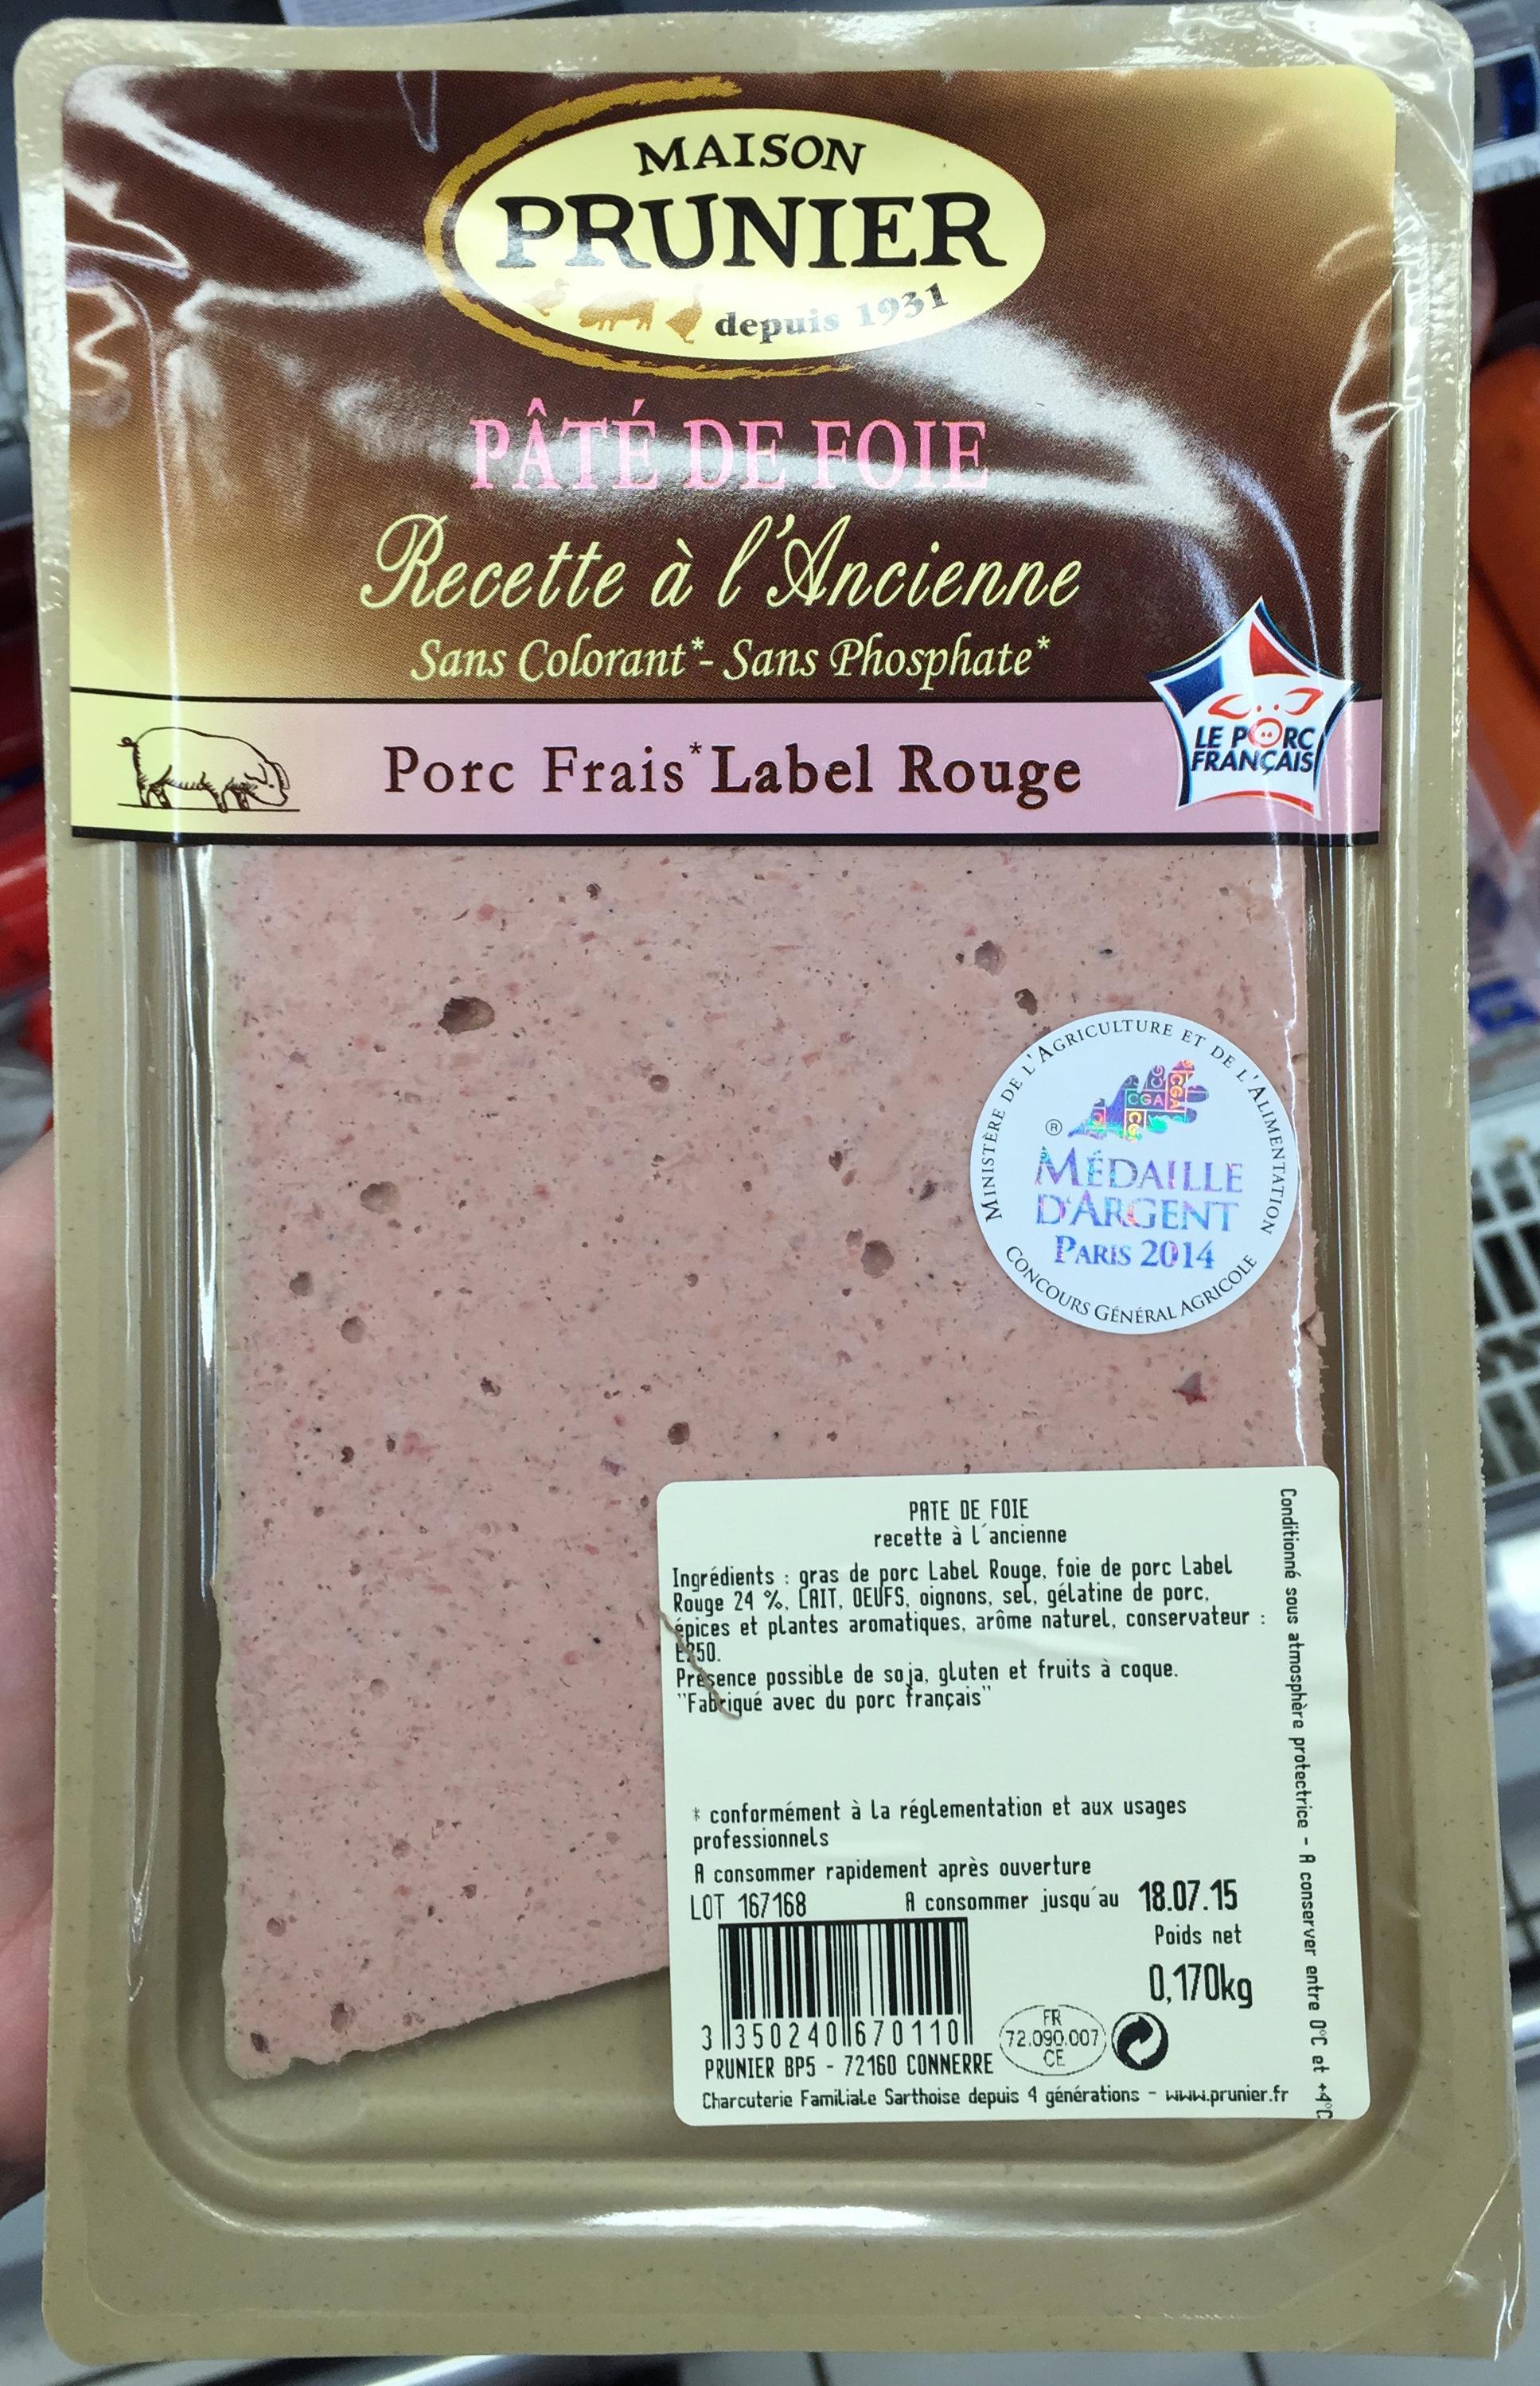 p 226 t 233 de foie recette 224 l ancienne maison prunier 170 g